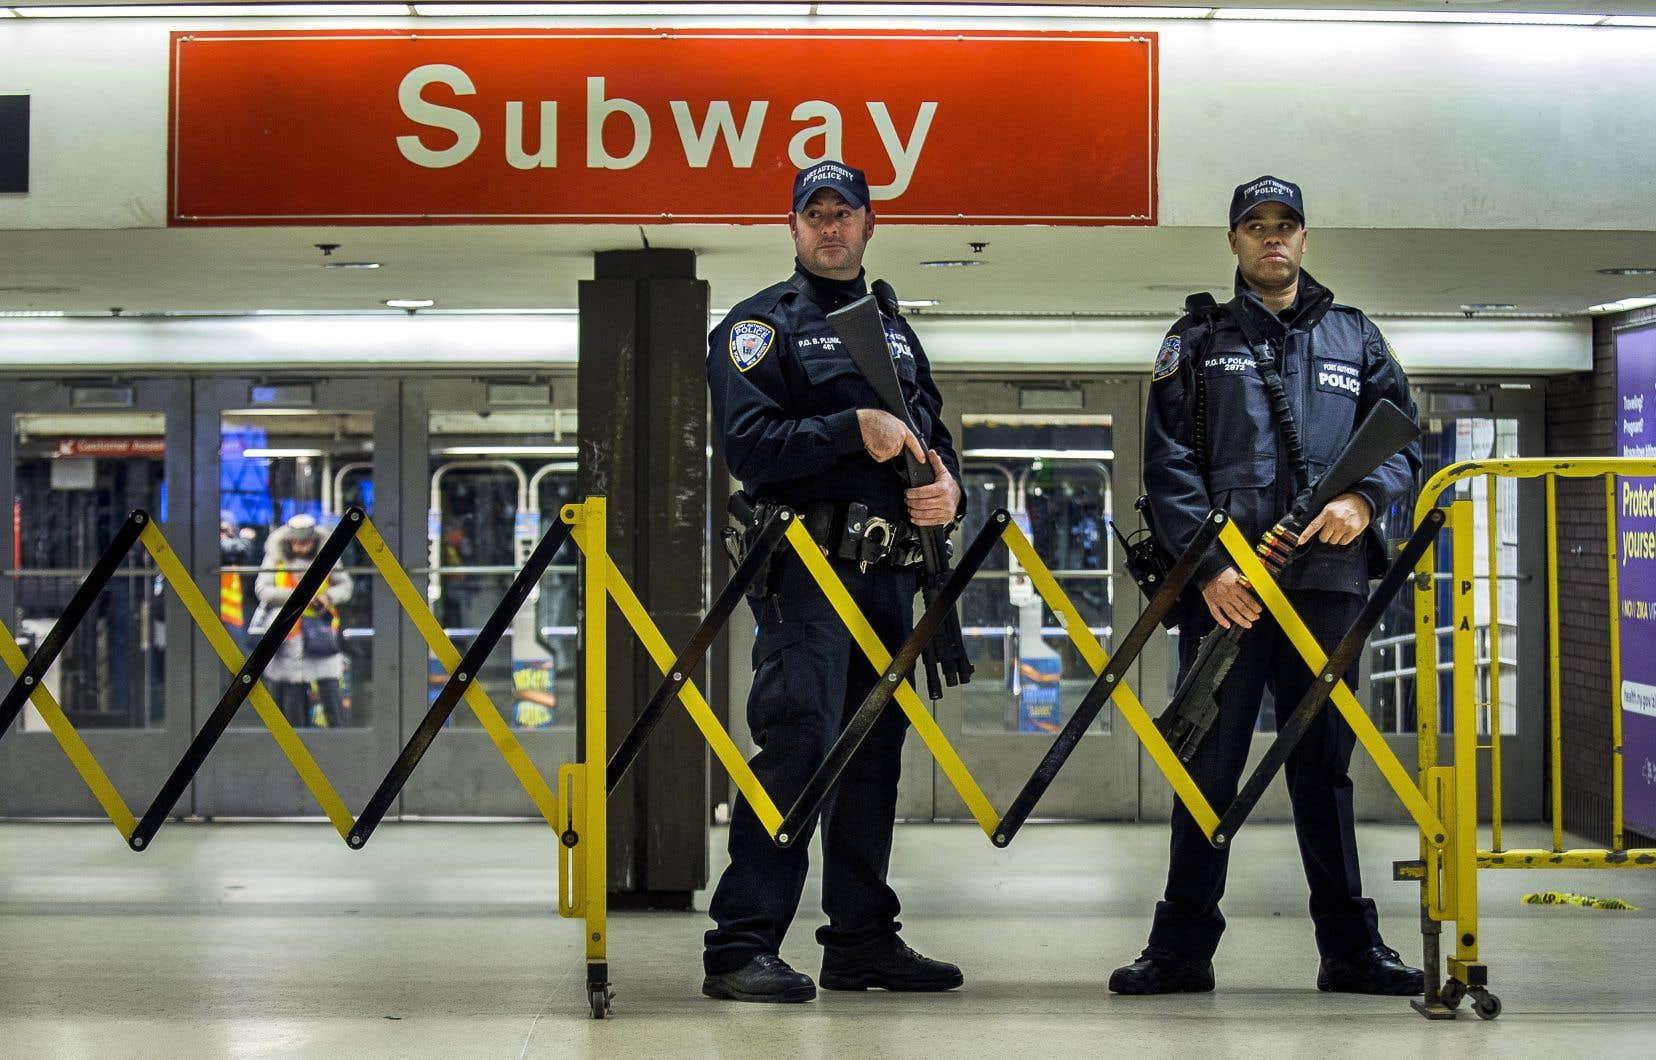 Les accès au métro de New York ont été fermés pendant une partie de la journée de lundi après l'explosion d'une bombe artisanale dans un tunnel du métro de Times Square.